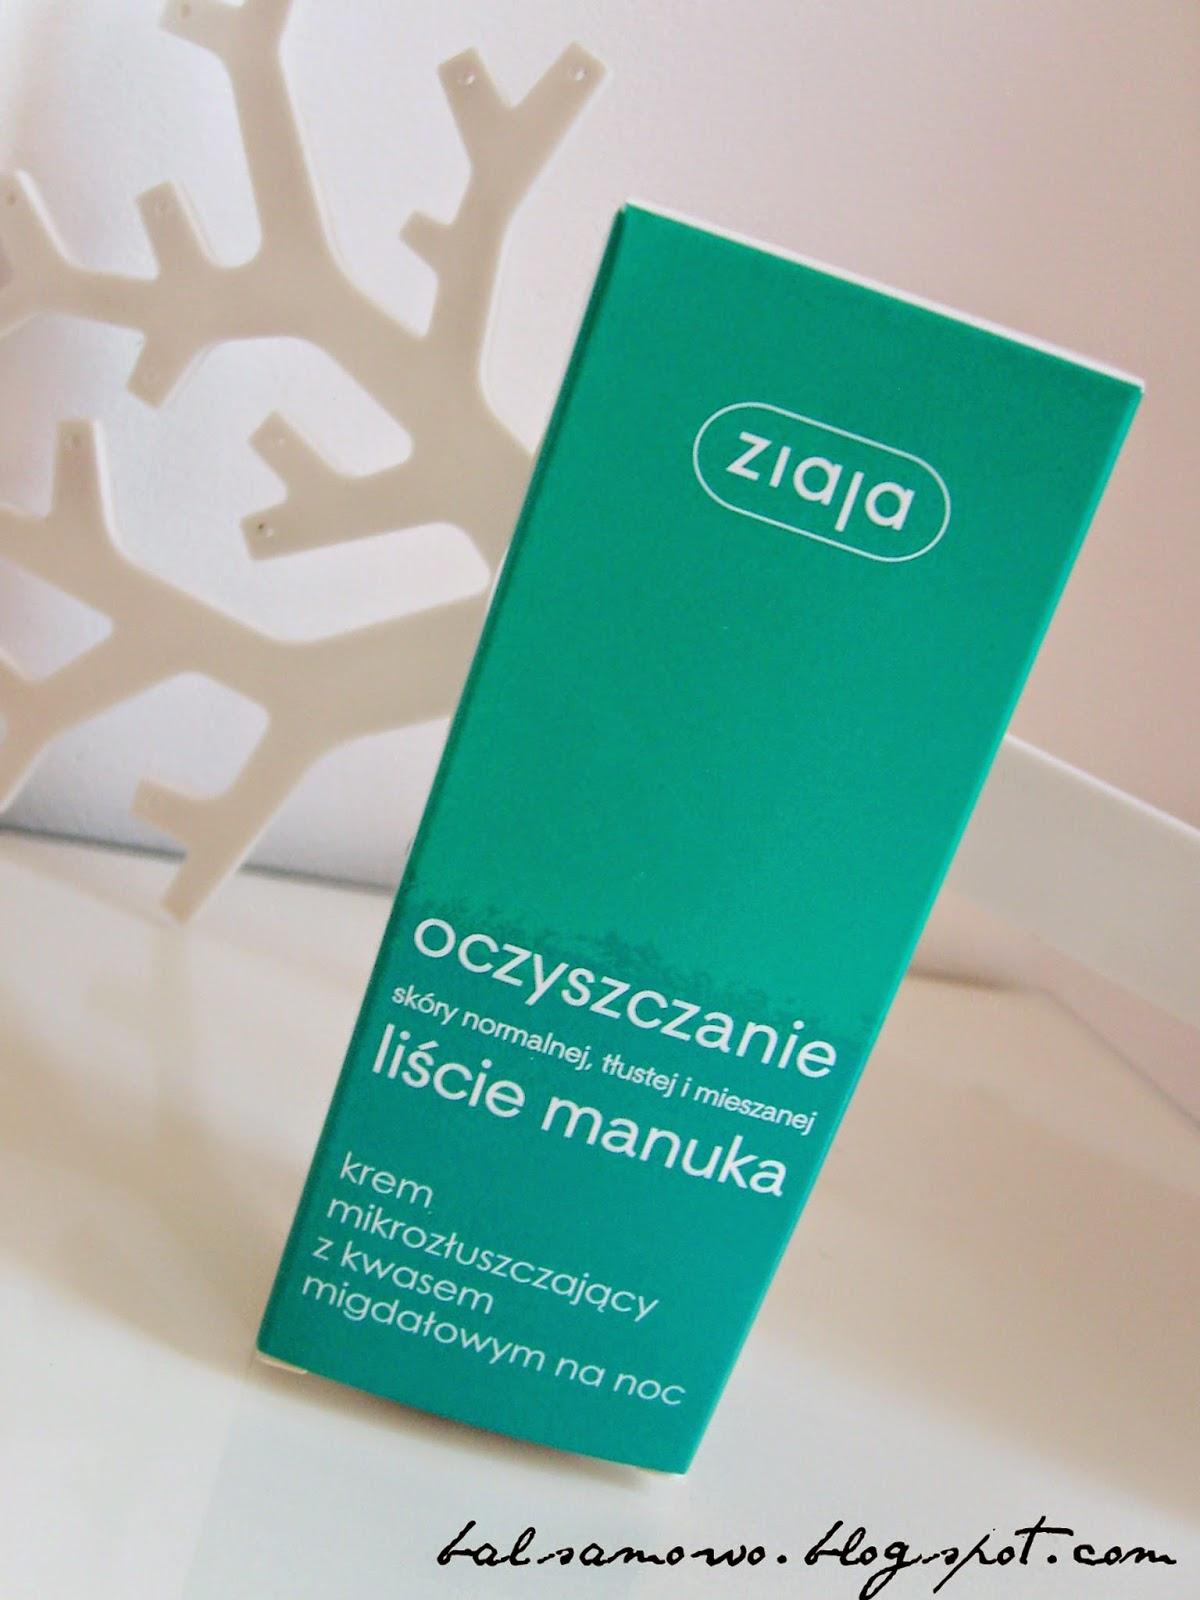 Ziaja Liście manuka: Krem mikrozłuszczający z kwasem migdałowym na noc